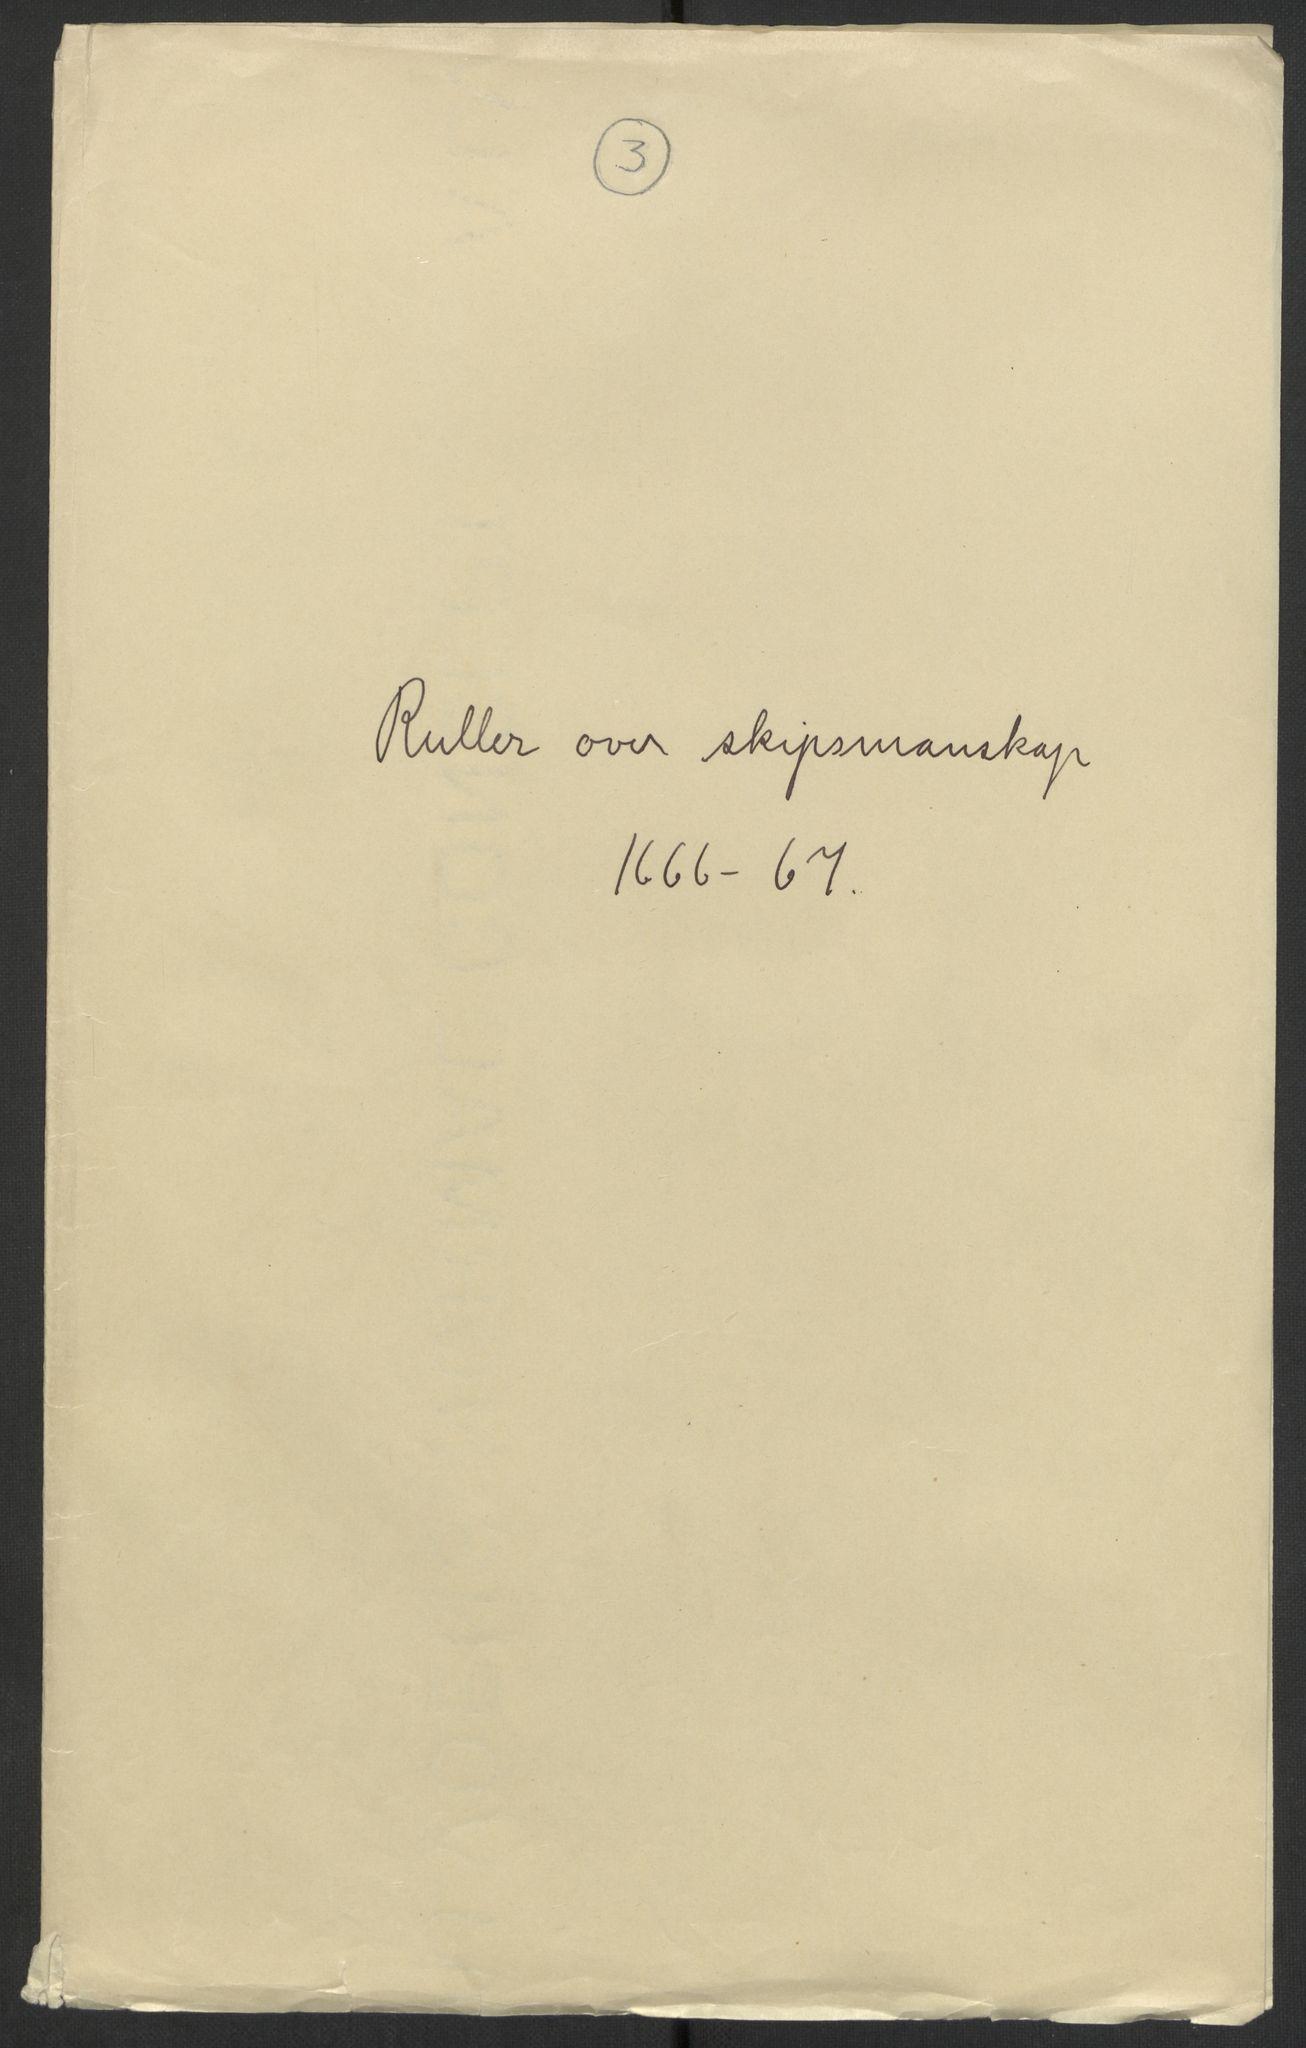 RA, Stattholderembetet 1572-1771, El/L0024: Forskjellige pakkesaker, 1666-1667, p. 1